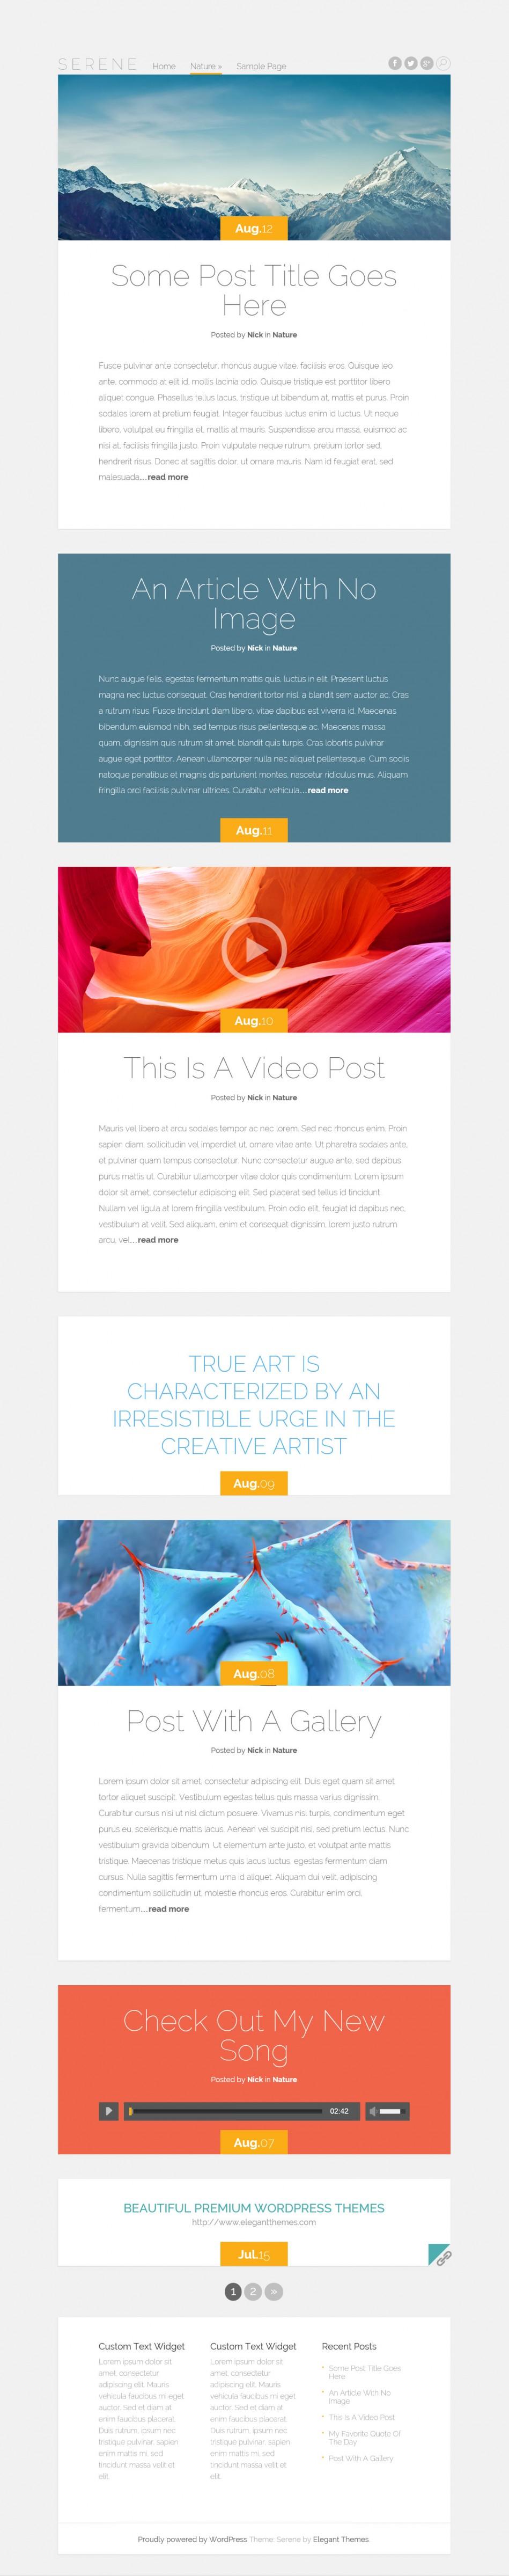 Serene - элегантная тема с адаптивным дизайном для личного блога   n-wp.ru